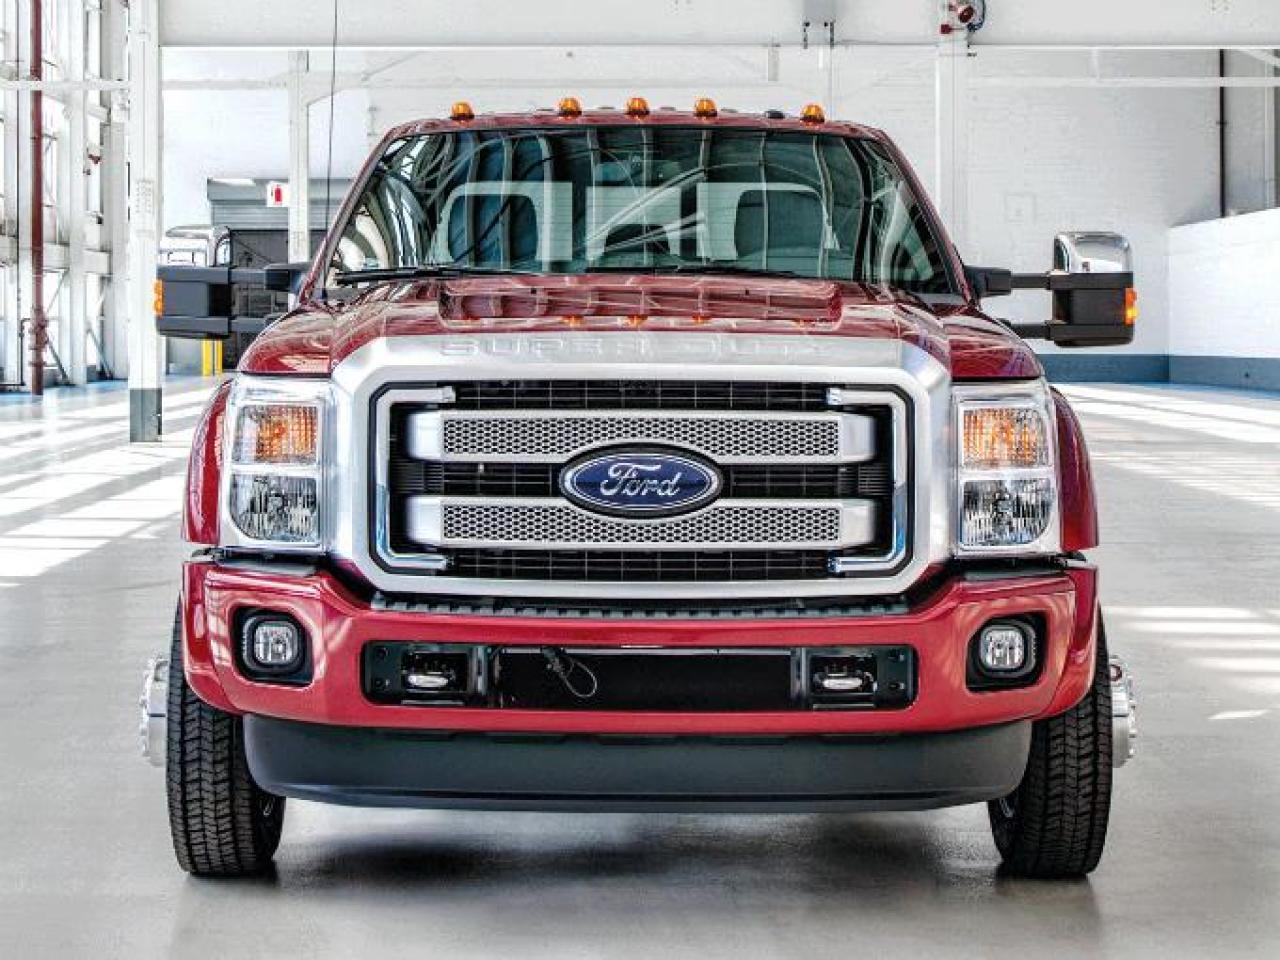 las 10 camionetas más caras del mundo lifestyle de américaeconomía